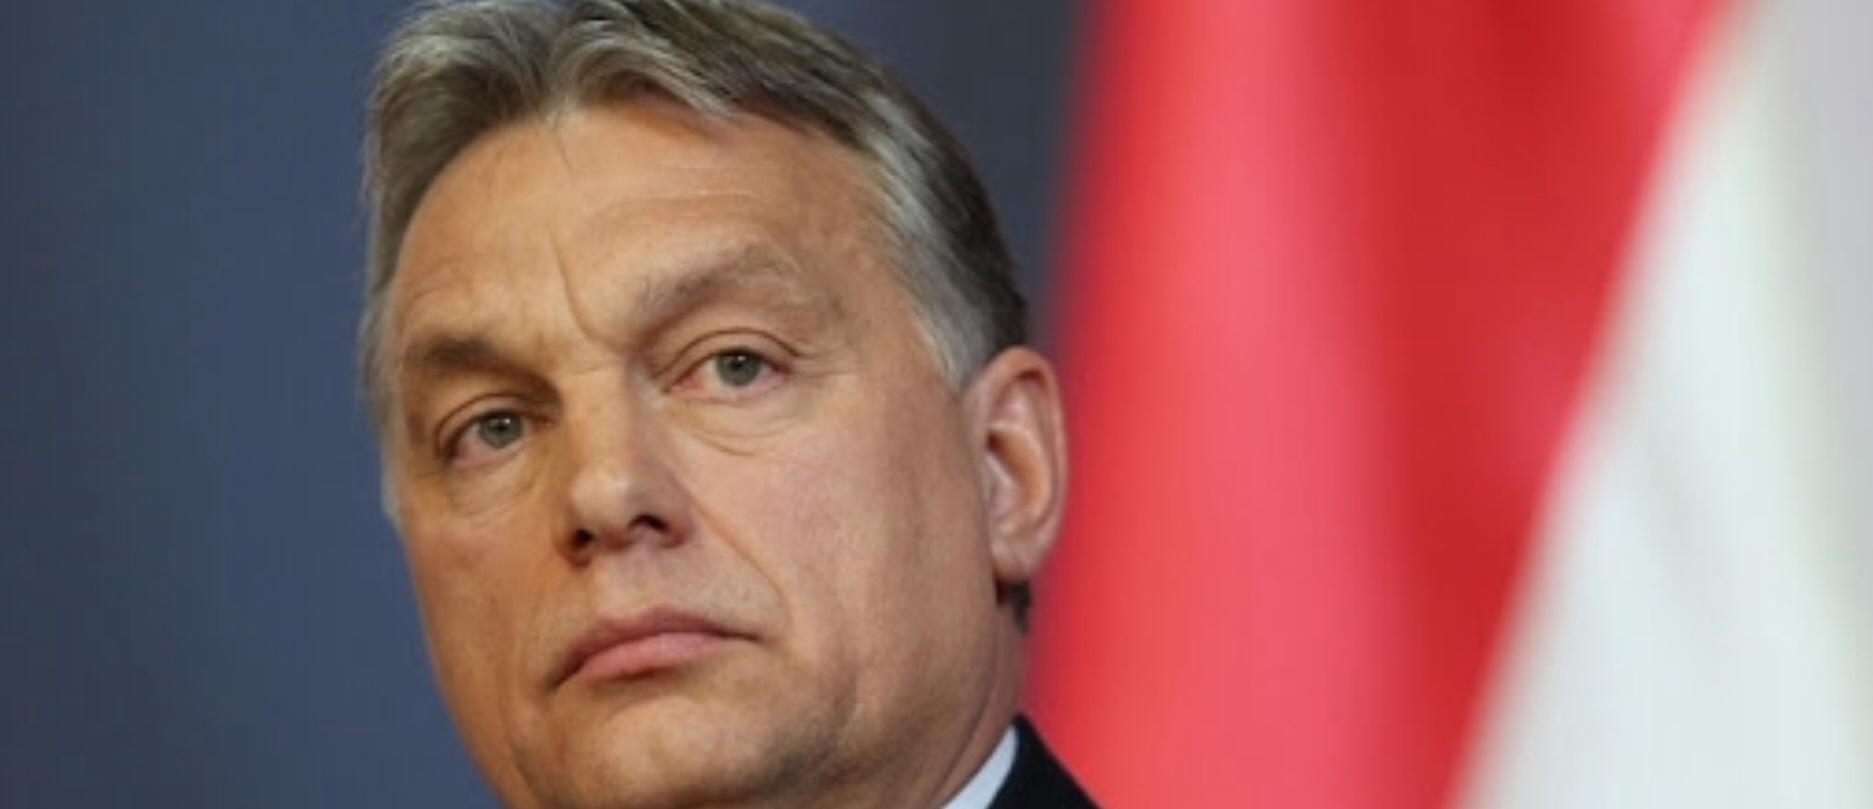 Orban: EU «salto mortale»